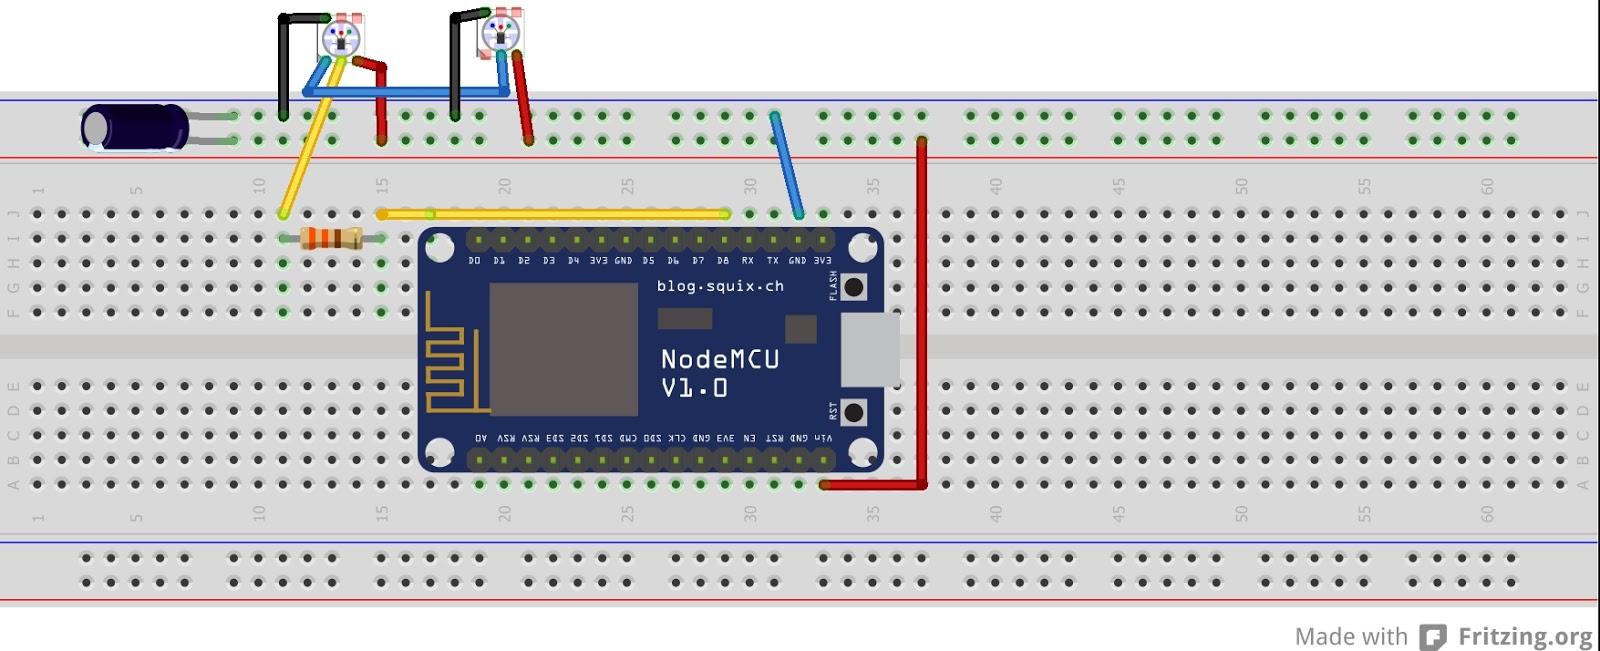 lucstechblog: Back to Basic - Basic language on the ESP8266